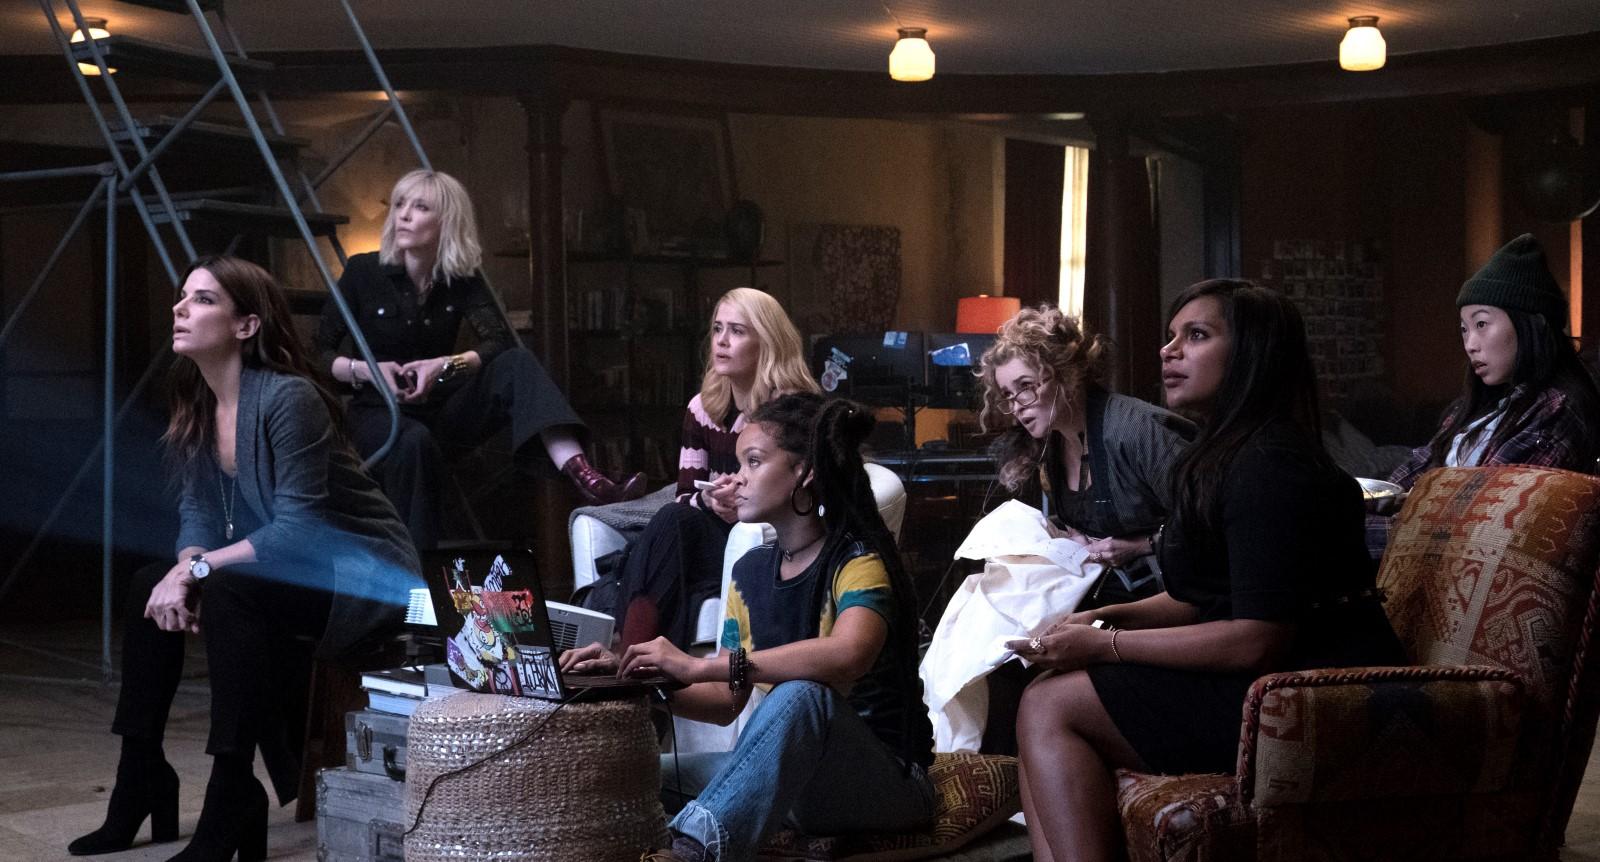 Ocean's 8 : Les 8 femmes se révèlent en affiche